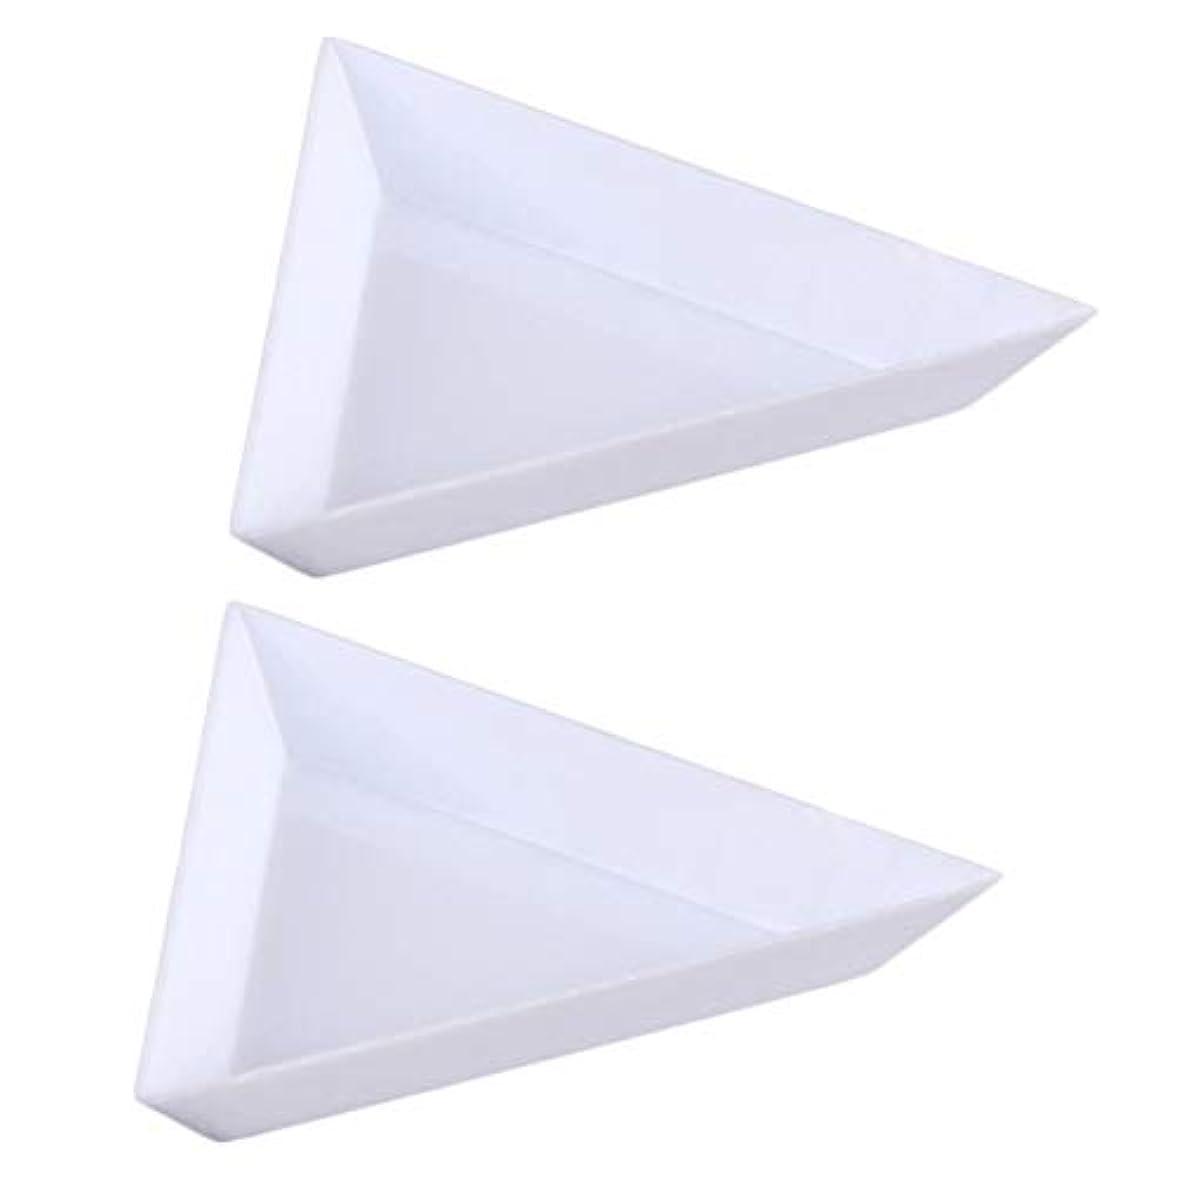 最初に嫉妬電話に出るCUHAWUDBA 10個三角コーナープラスチックラインストーンビーズ 結晶 ネイルアートソーティングトレイアクセサリー白 DiyネイルアートデコレーションDotting収納トレイ オーガニゼーションに最適